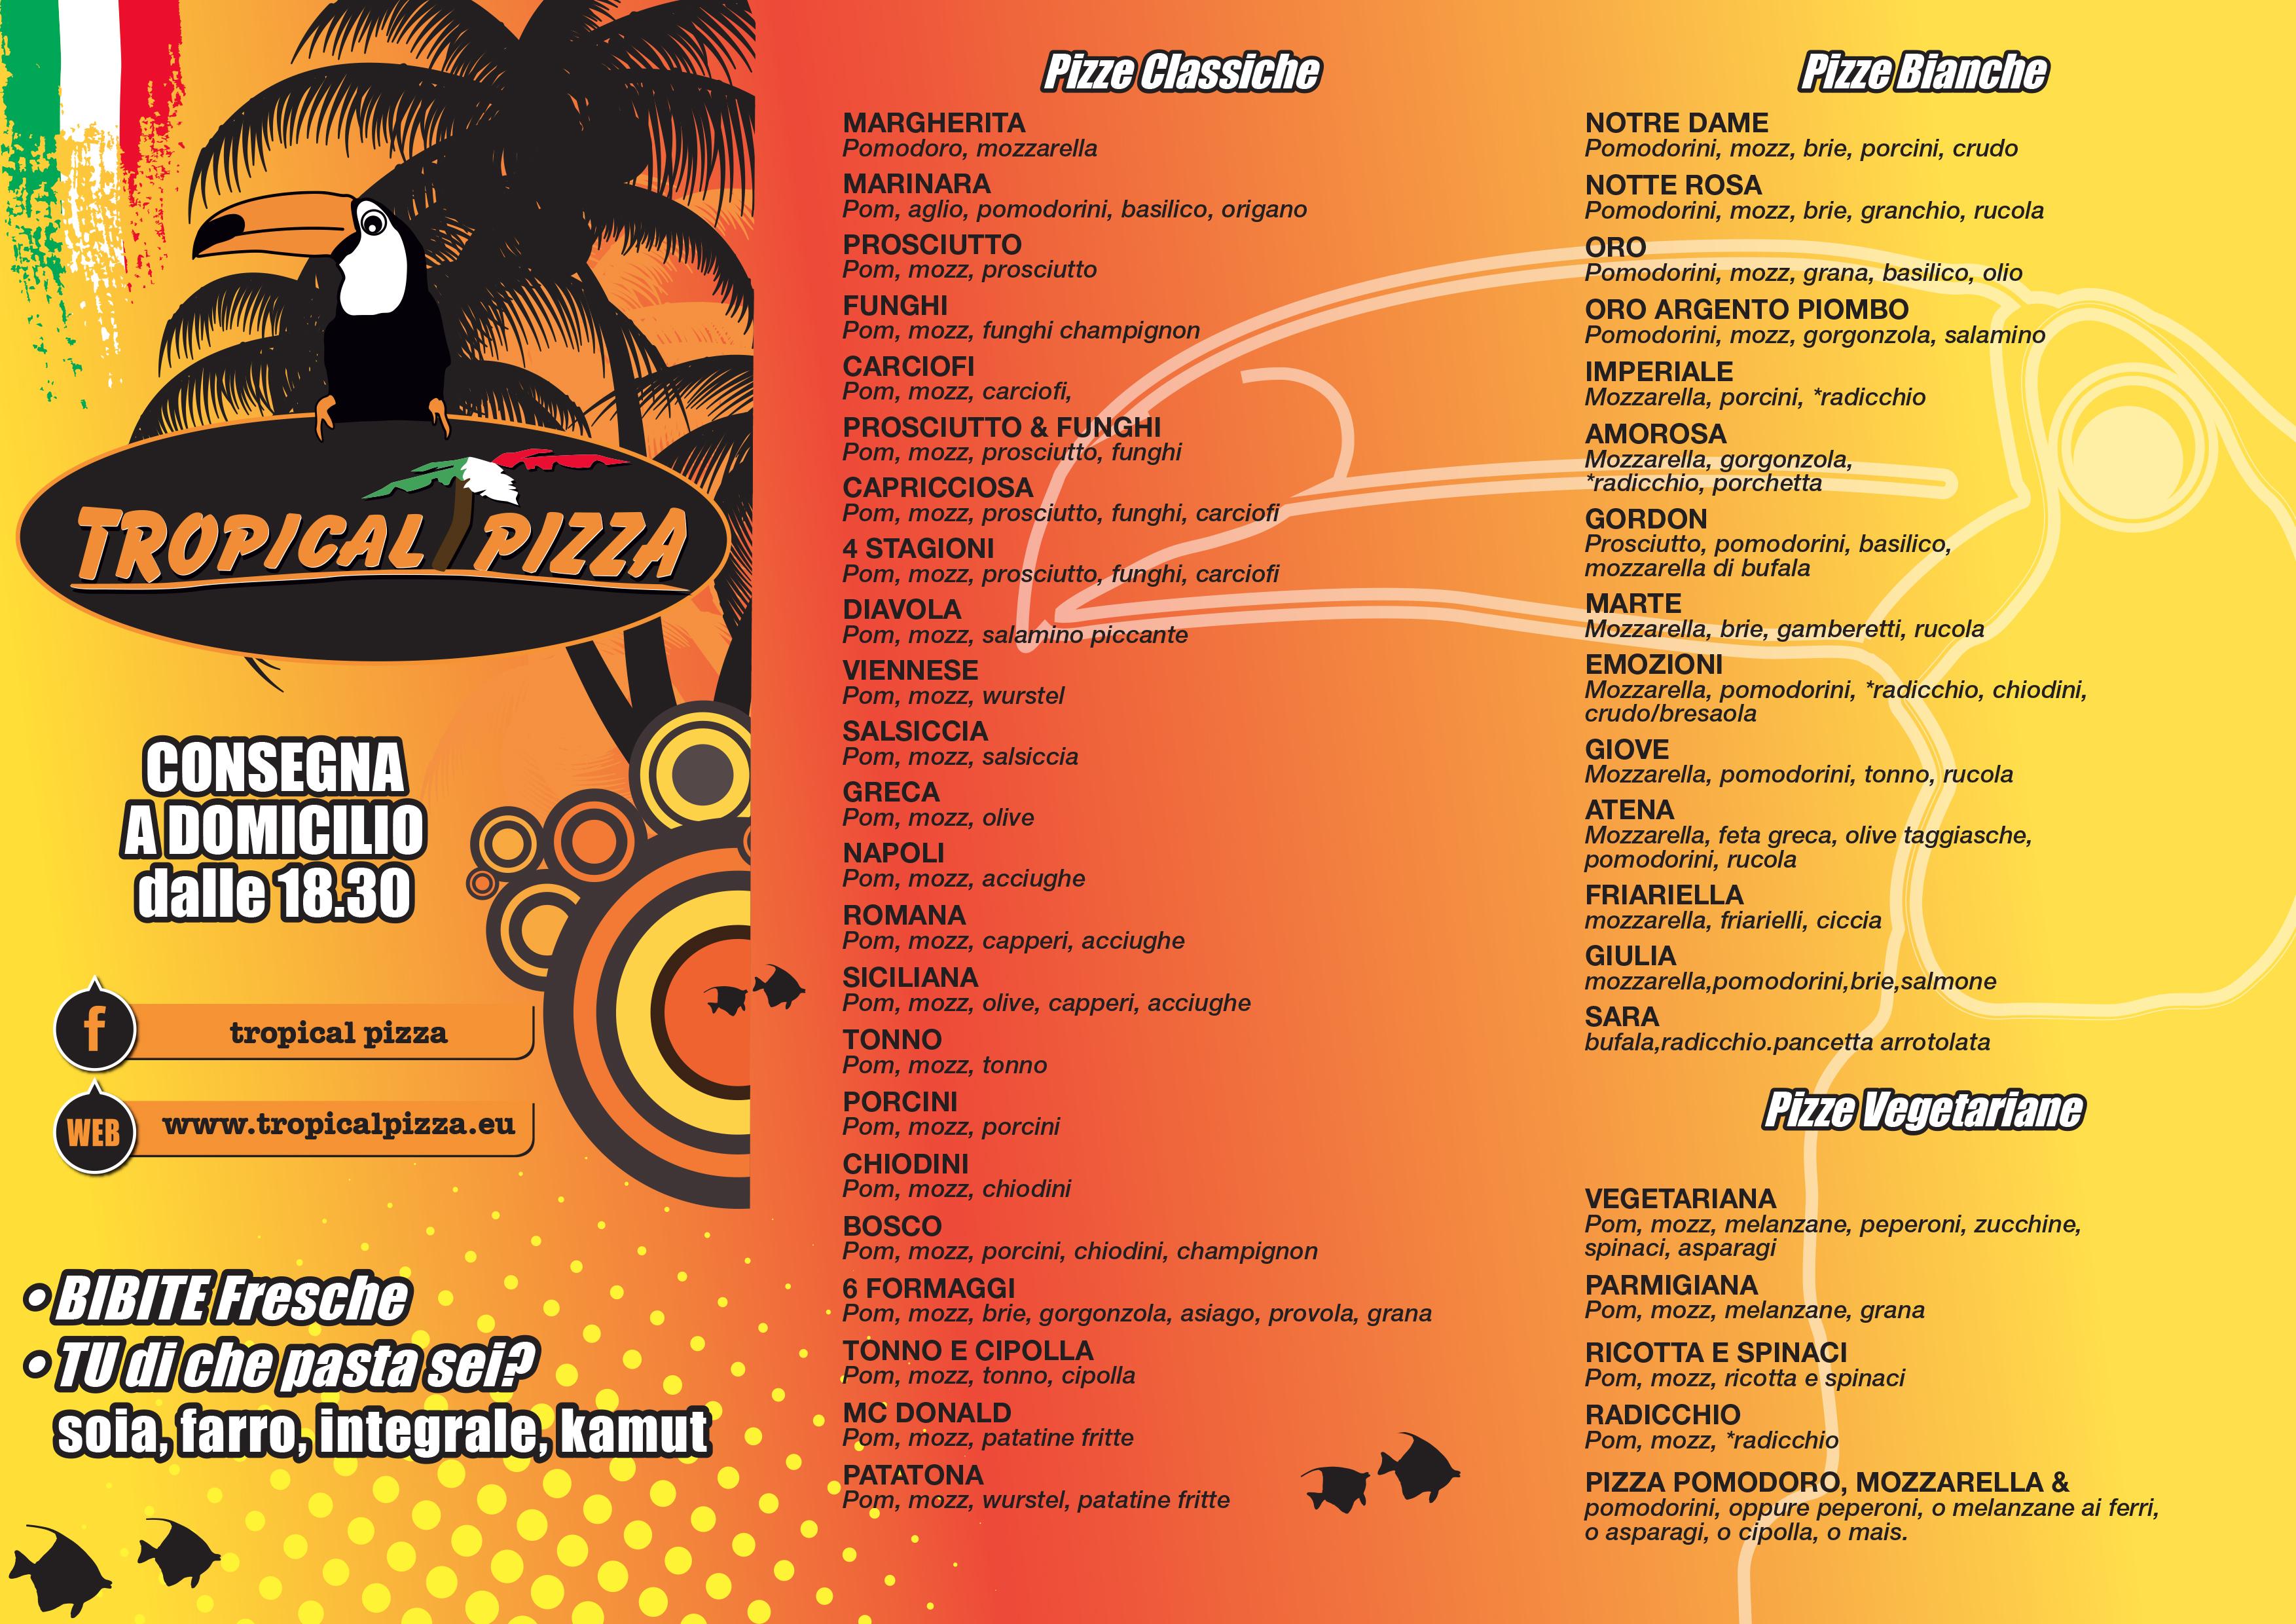 06-10-14-LISITINO-tropical-pizza-VEDELAGO-1